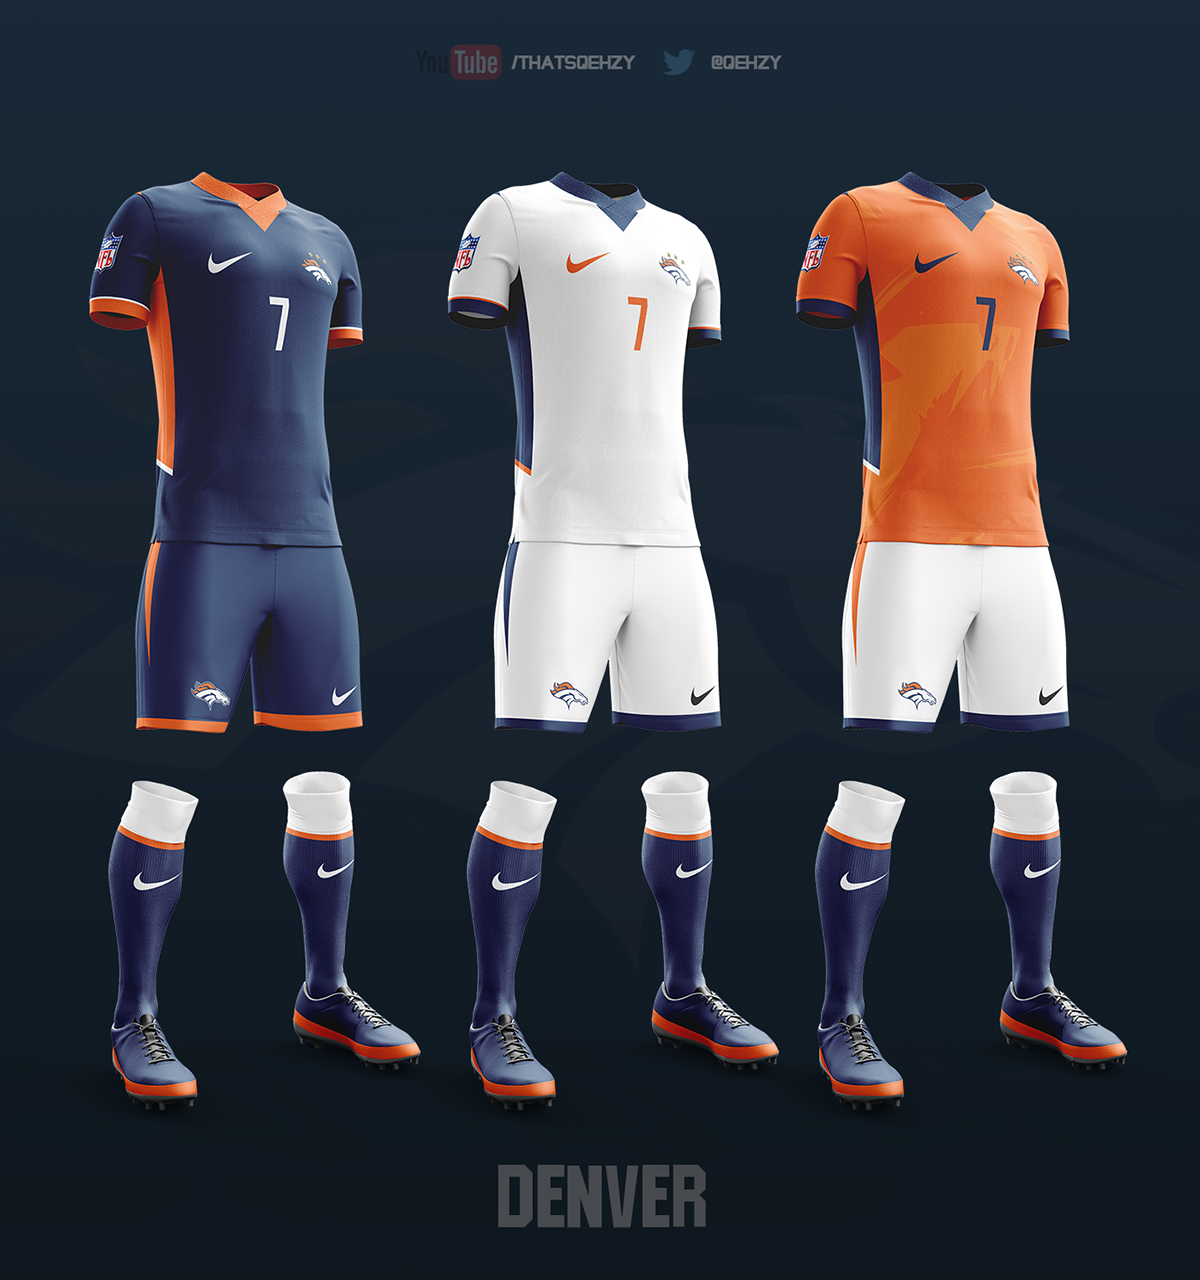 online store 25b87 05b4e NFL Soccer Kits on Behance | Jerseys | Soccer kits, Soccer ...